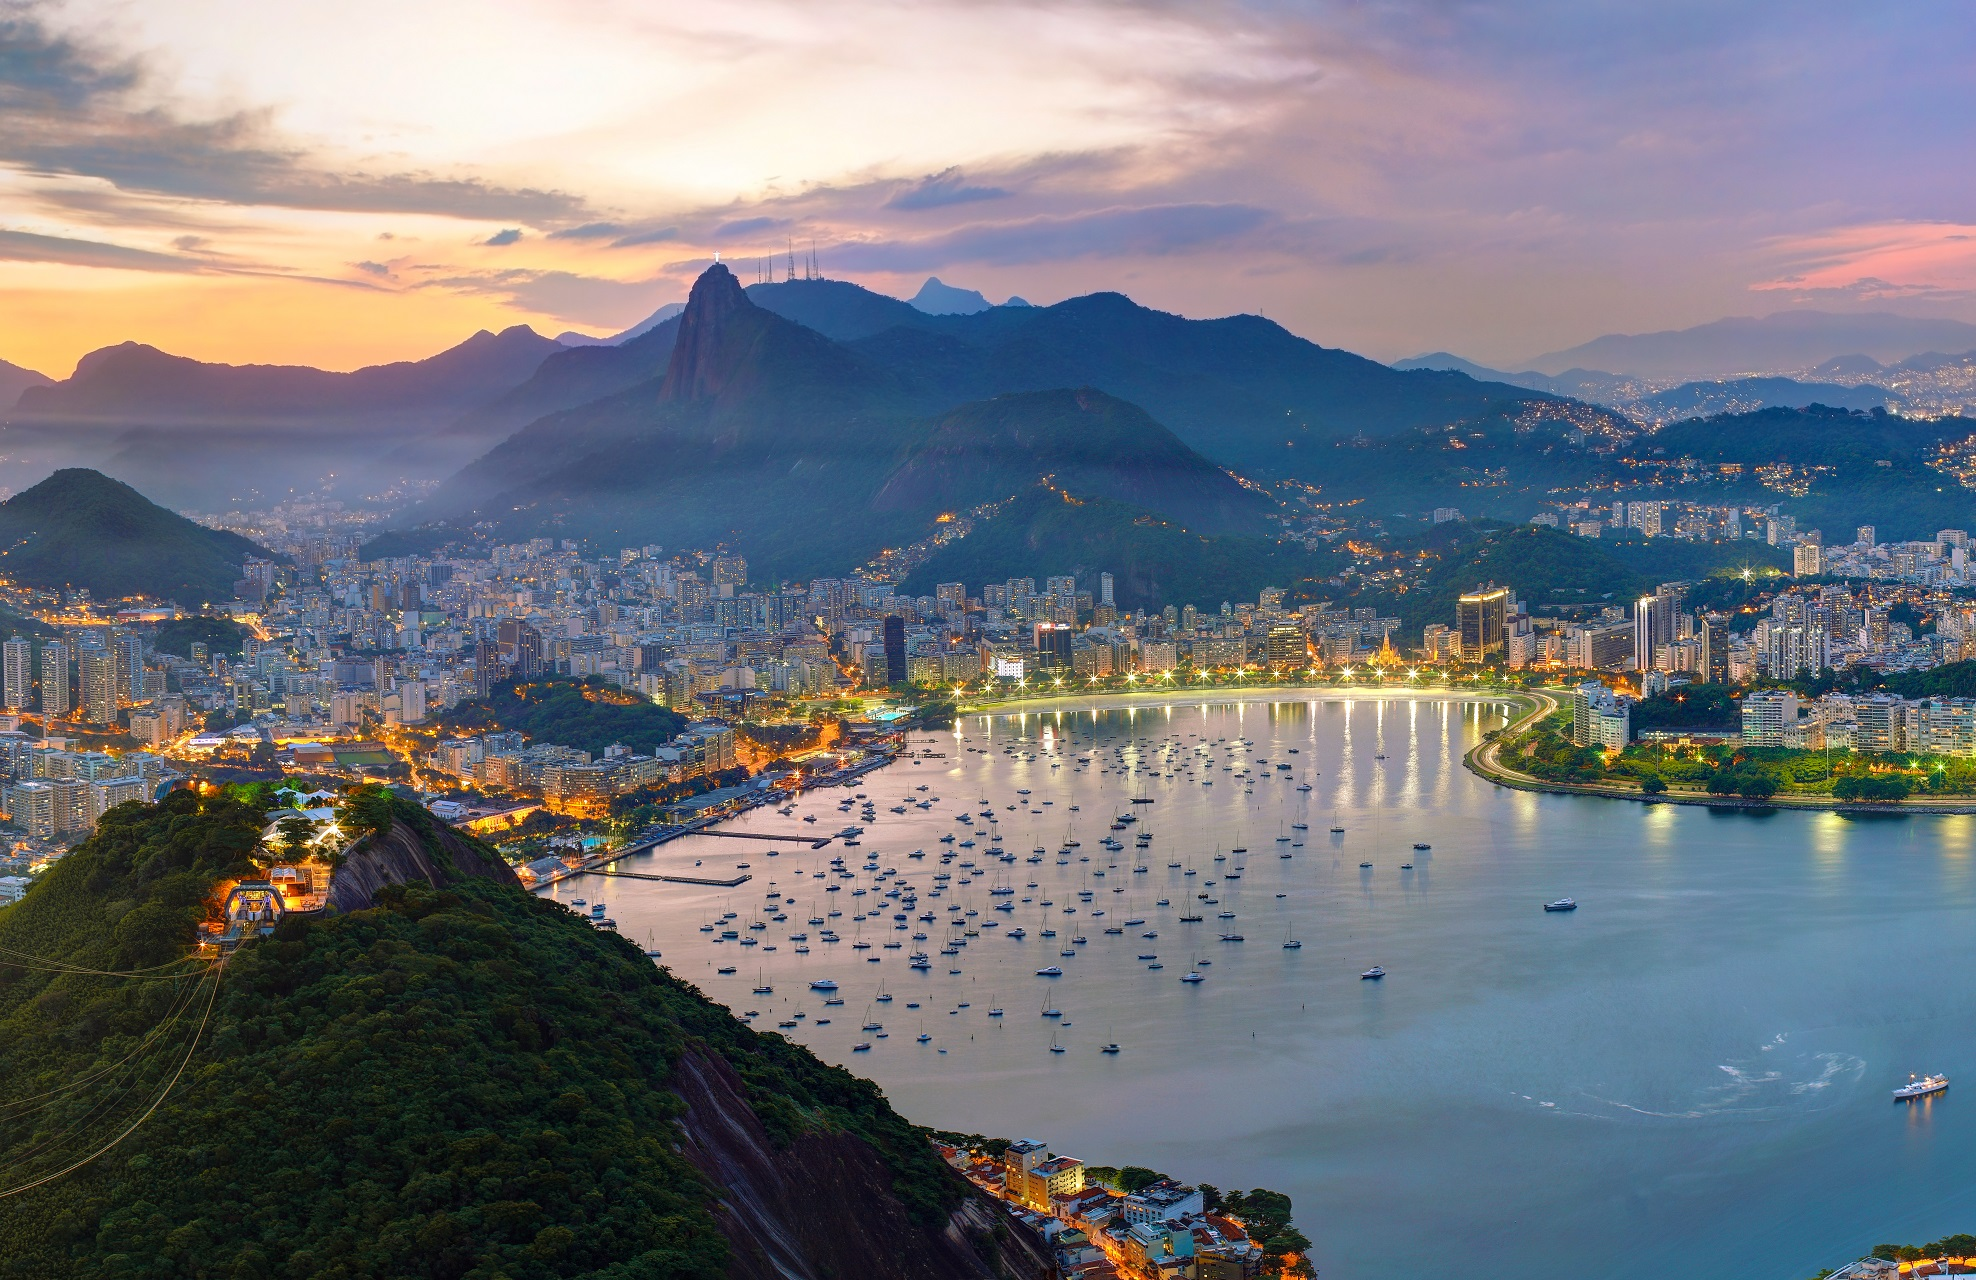 Genießt einen faszinierenden Ausblick über die Weltmetropole Rio de Janeiro in Brasilien